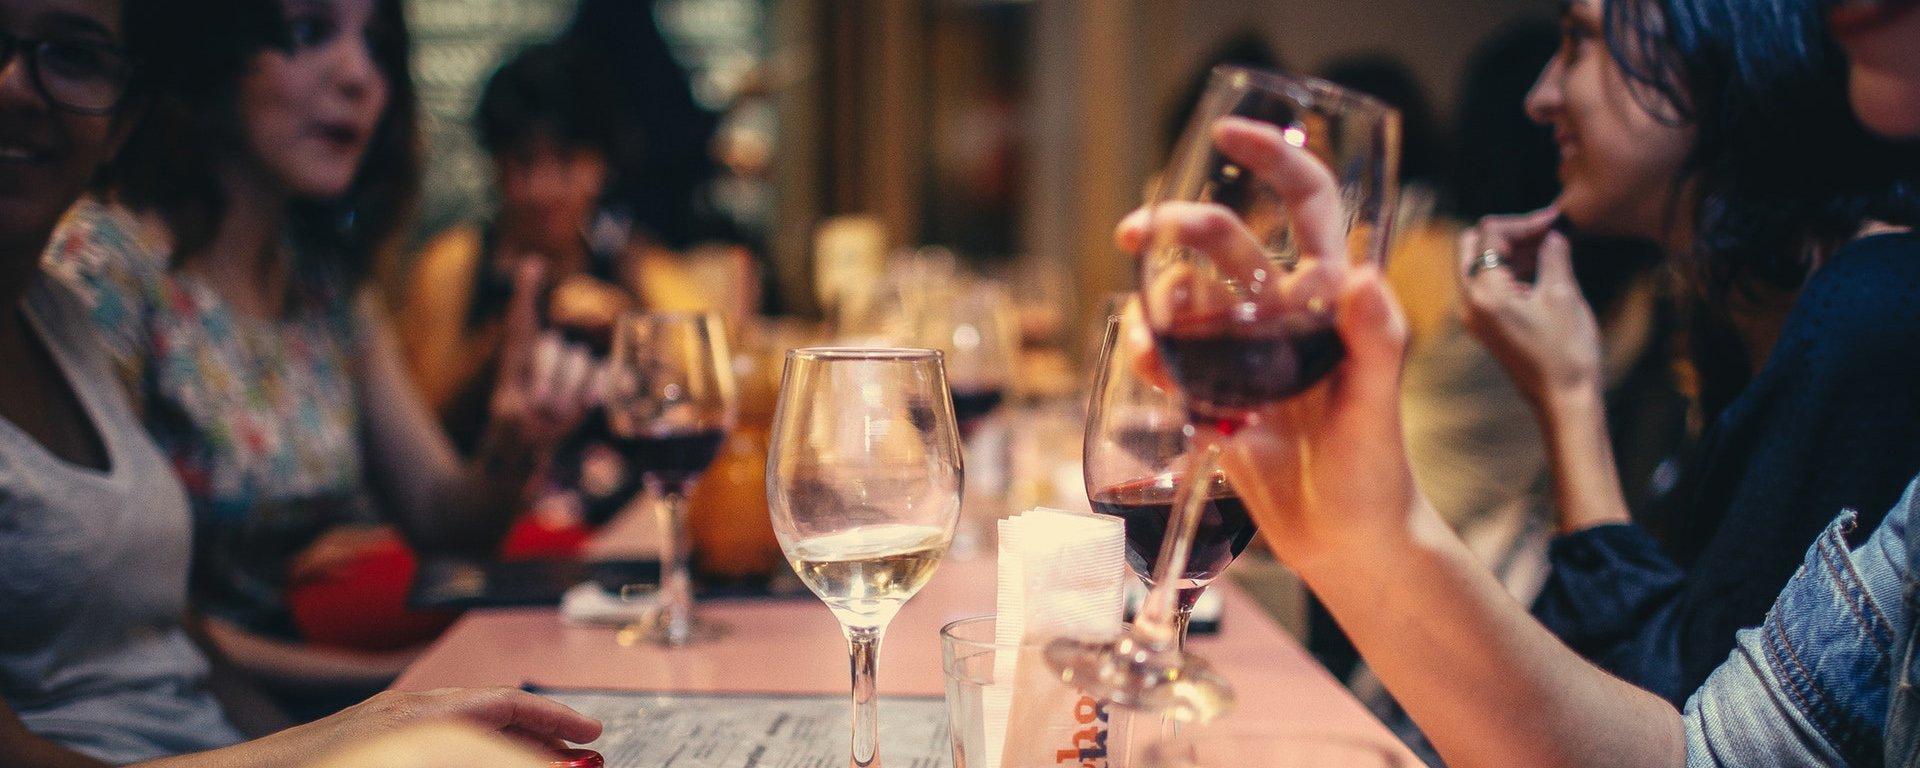 Tem Na Web - Pesquisa comprova que 1 taça de vinho por dia pode salvar vidas